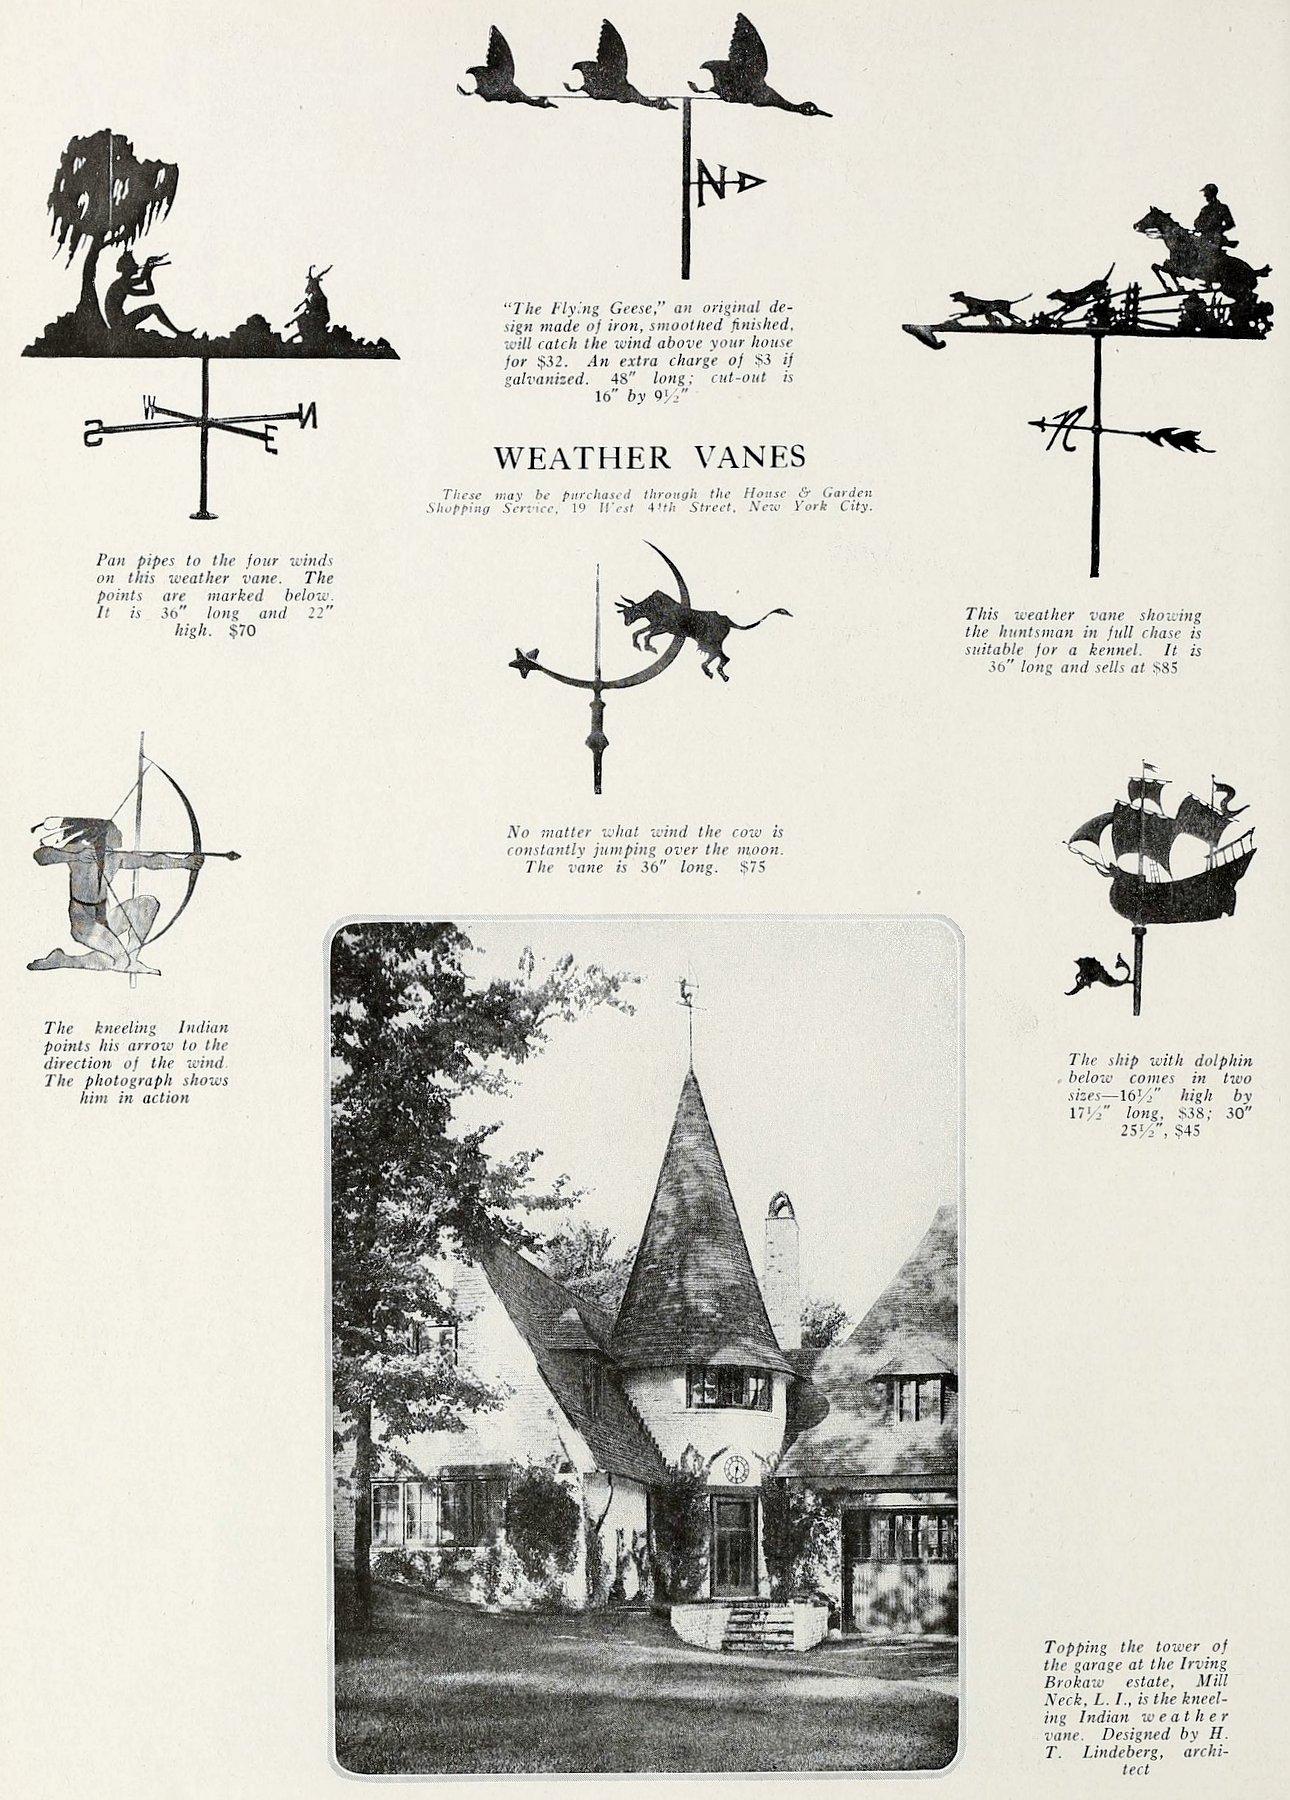 Weathervanes seen in 1920